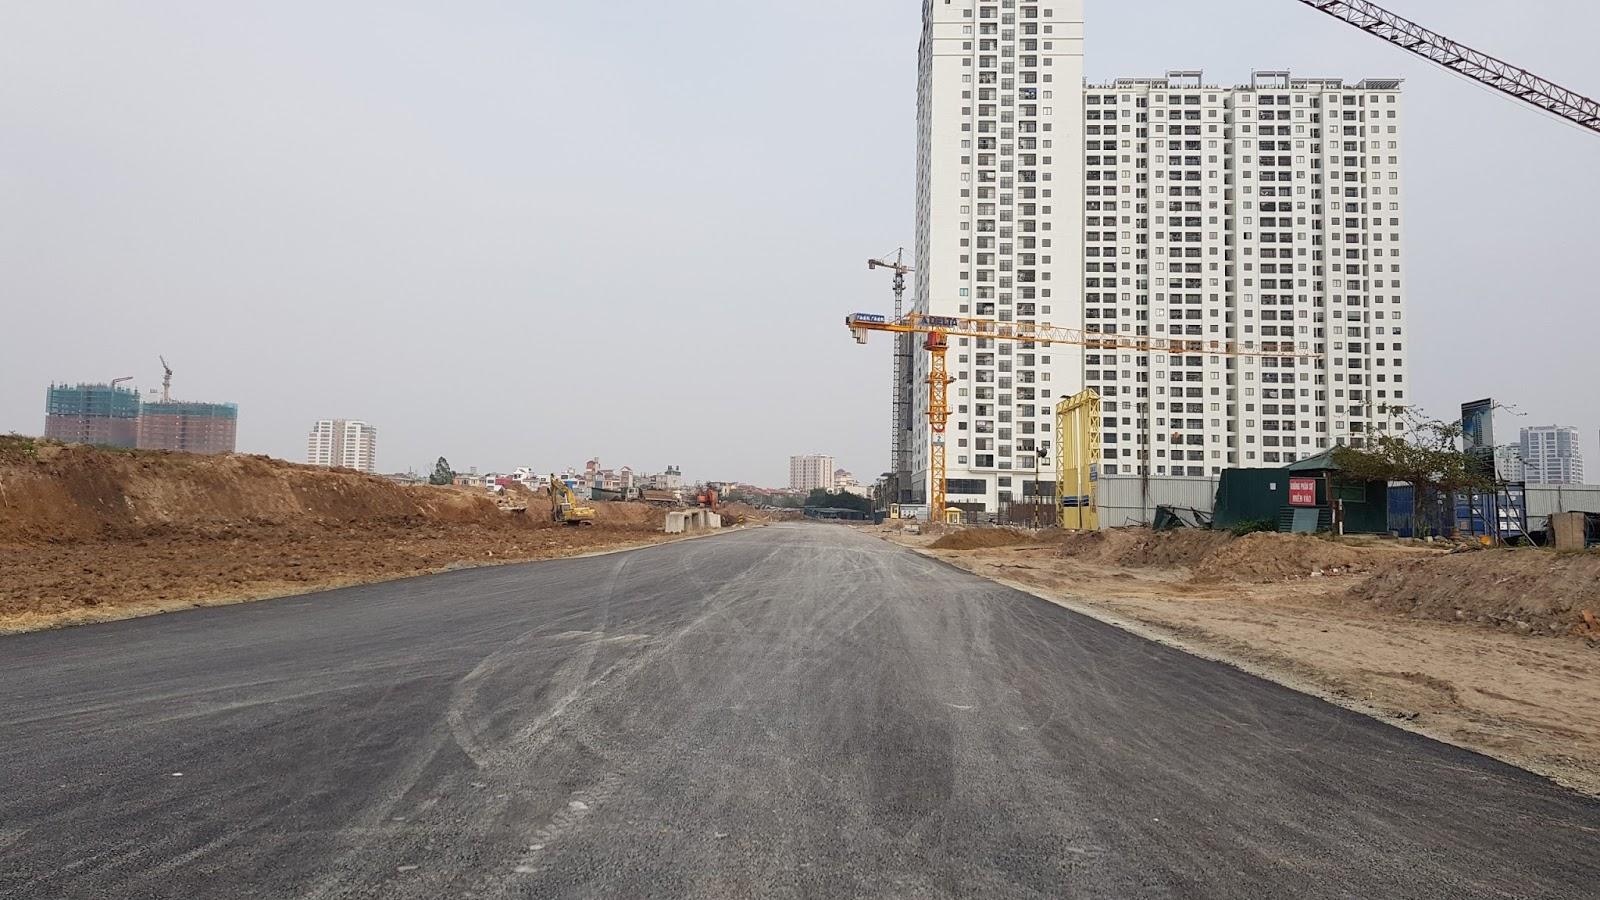 Đoạn đường 600m với mặt cắt ngang 40m trước mặt dự án kết nối từ Võ Chí Công